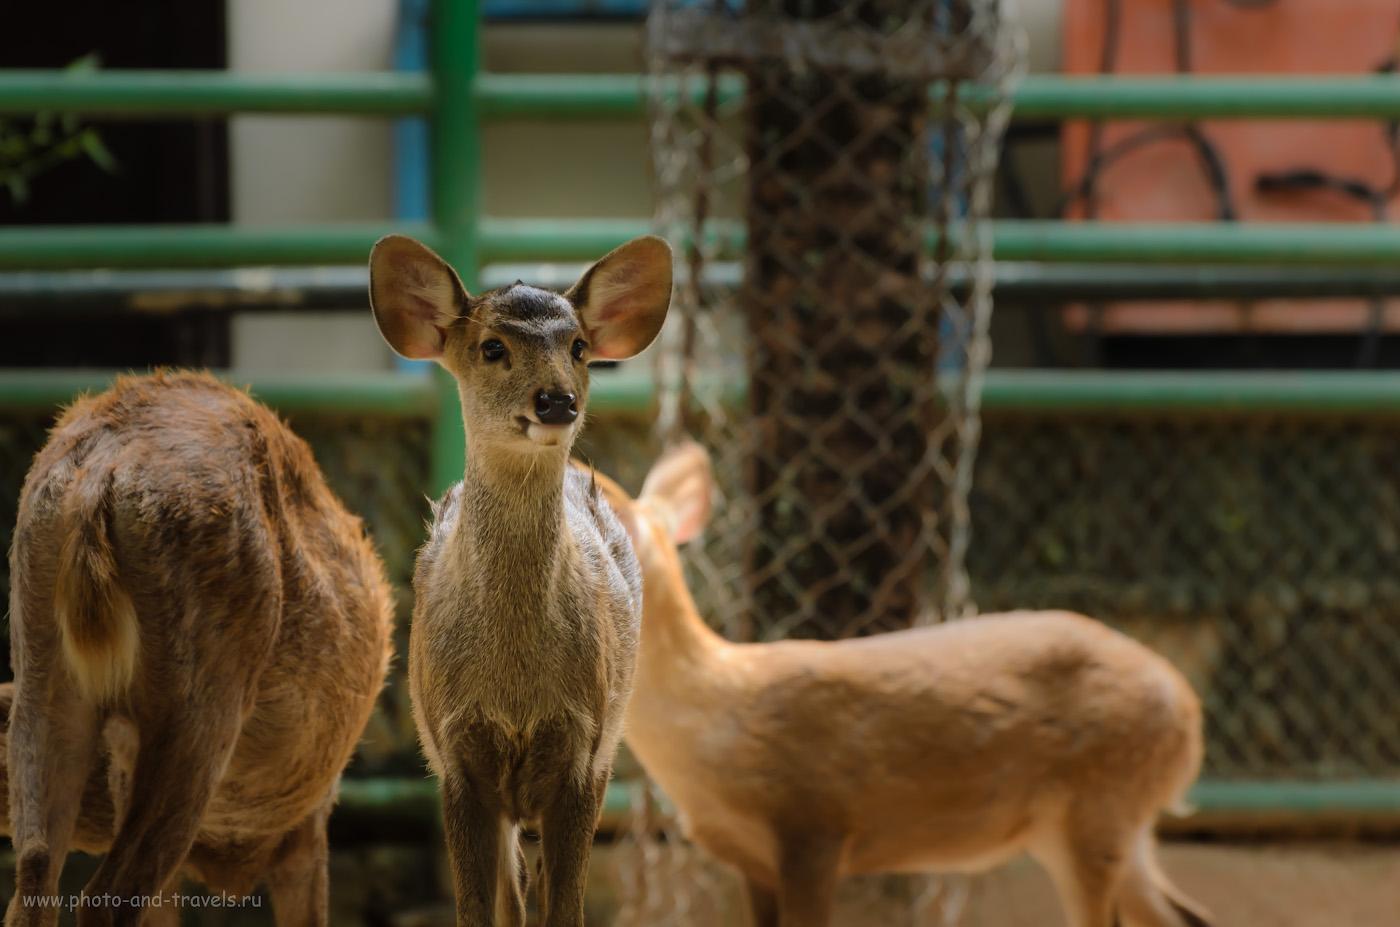 17. Маленький Бэмби в зверинце парка Нонг Нуч в Паттайе. Отзывы о путешествии в Таиланд на отдых. (настройки камеры: В 1/160 сек, f/5.3, ФР 195 мм, светочувствительность 500)